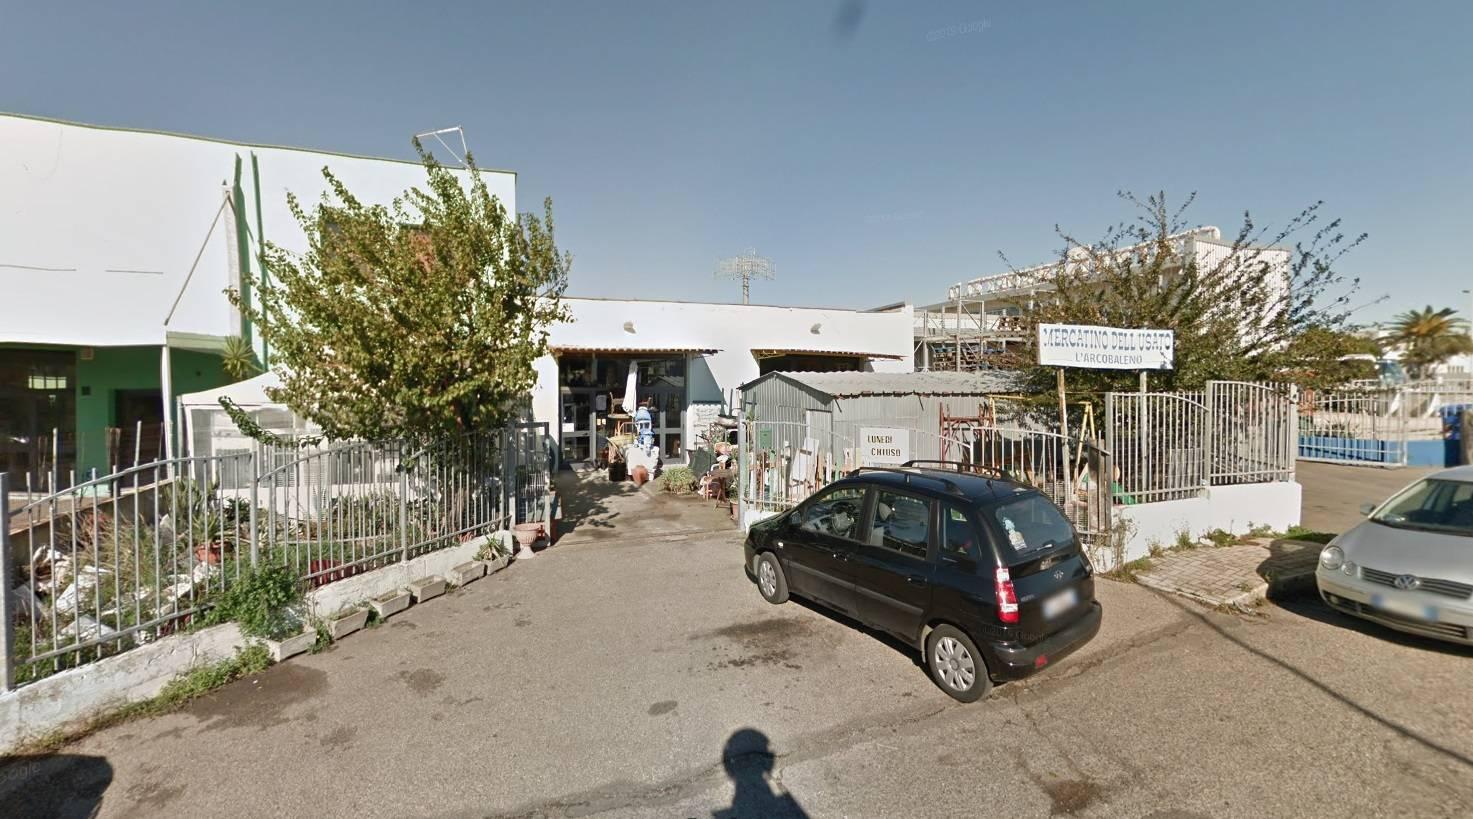 Negozio / Locale in vendita a Tarquinia, 9999 locali, zona Località: Artigianale, prezzo € 400.000 | CambioCasa.it